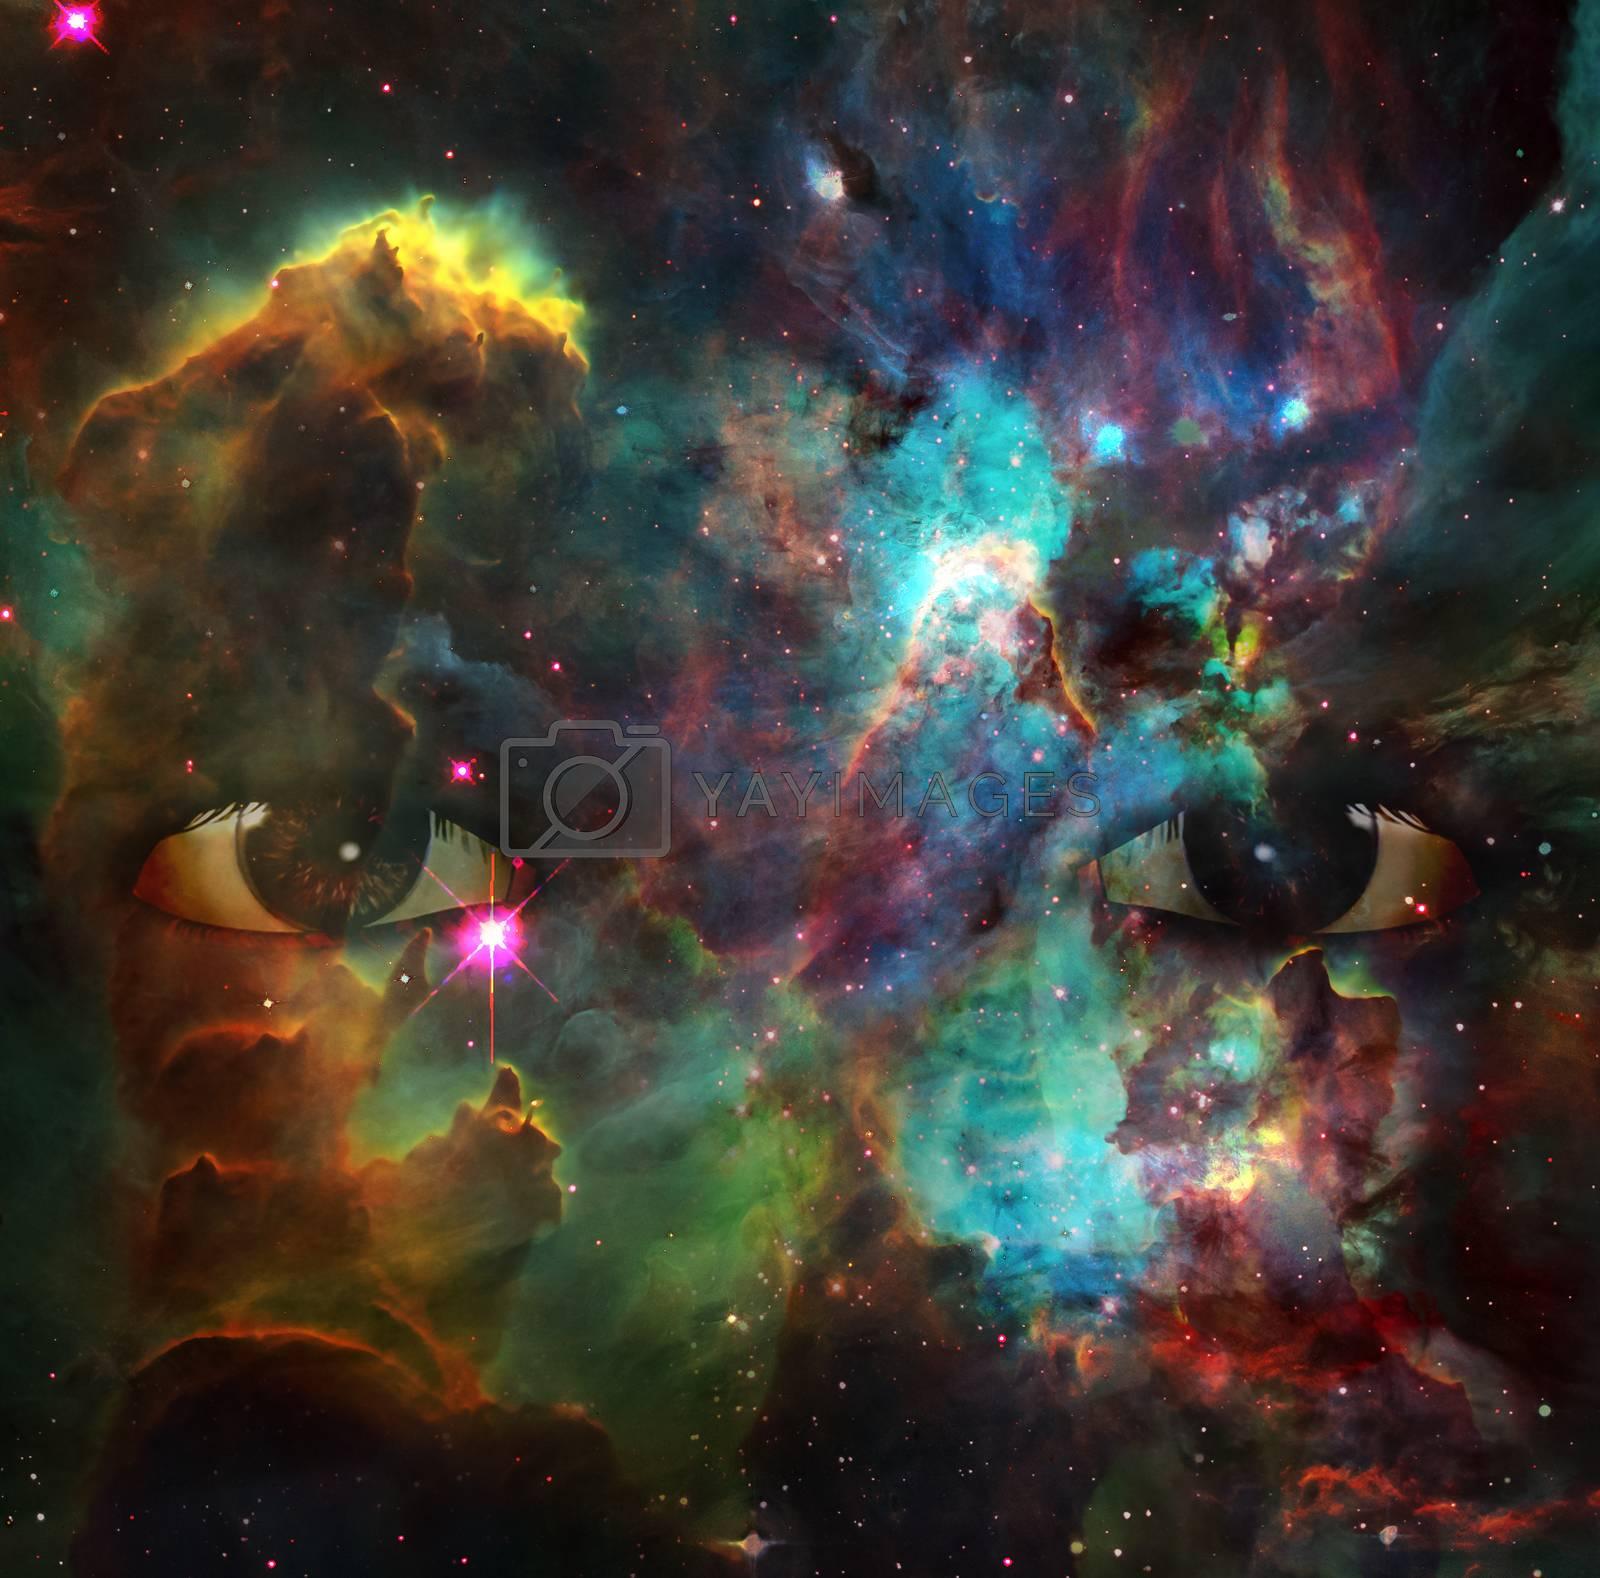 Eyes in space. Colorful nebulae. 3D rendering